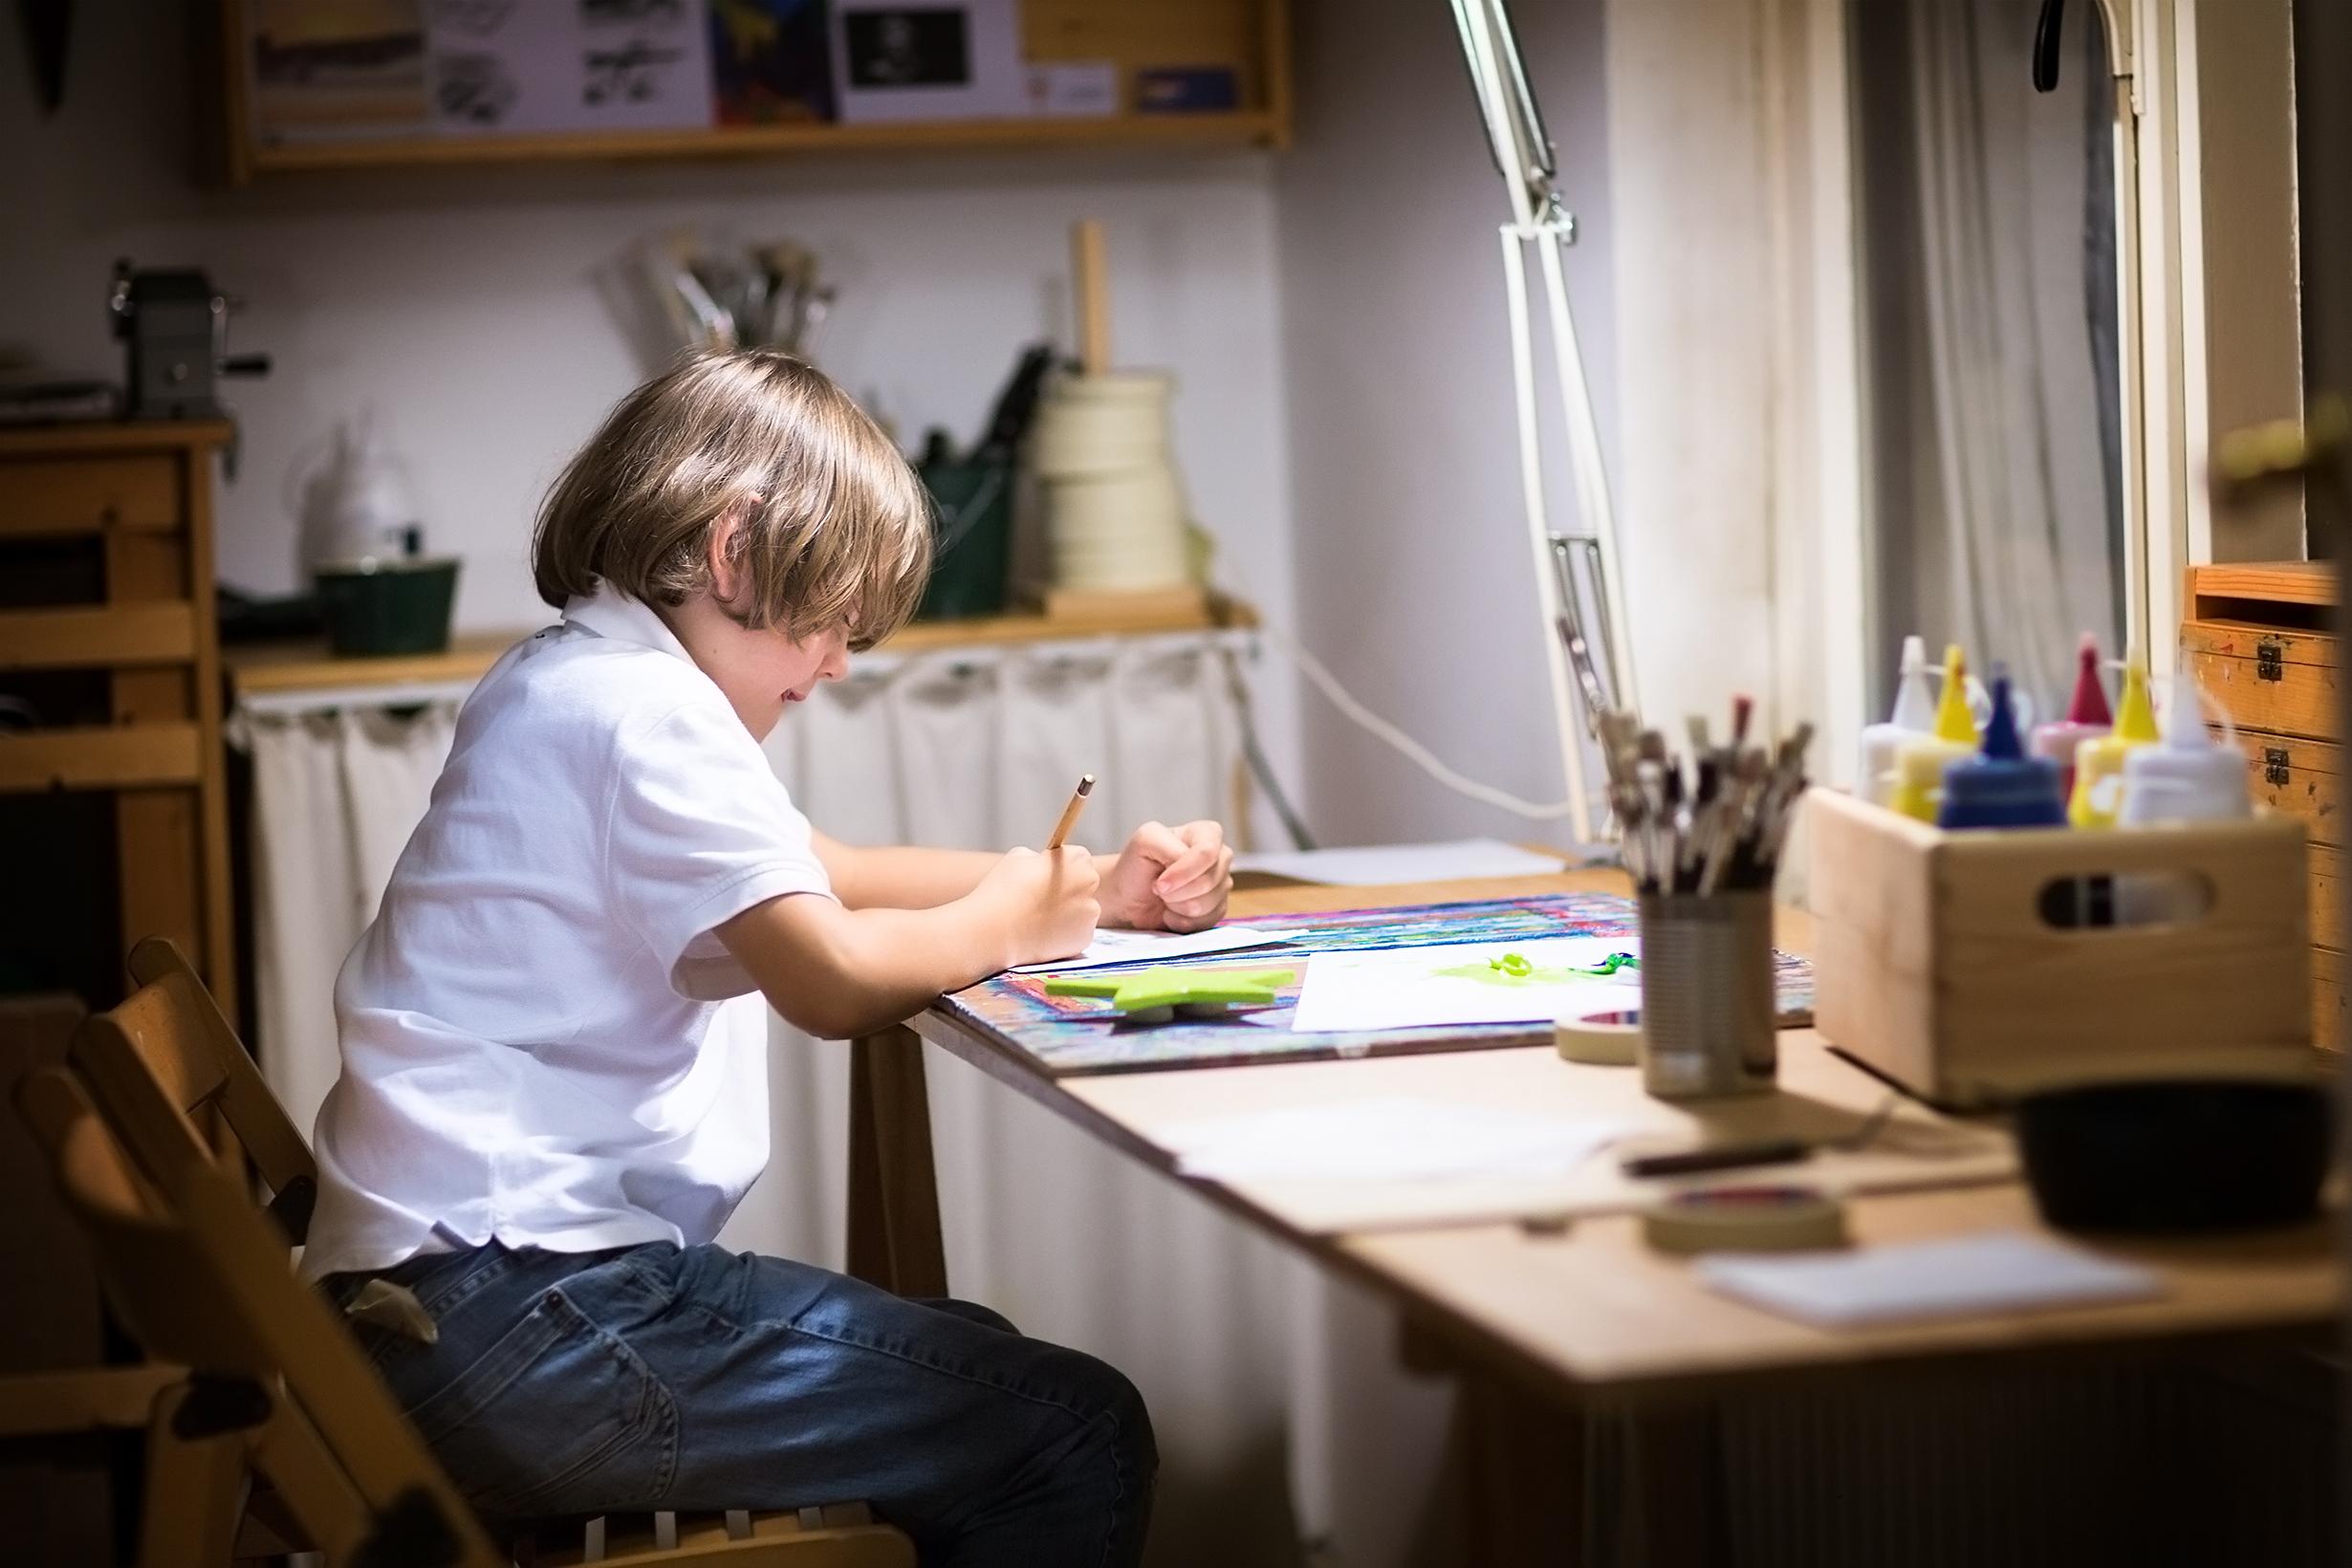 Лампа на струбцине – экономия места на письменном столе школьника